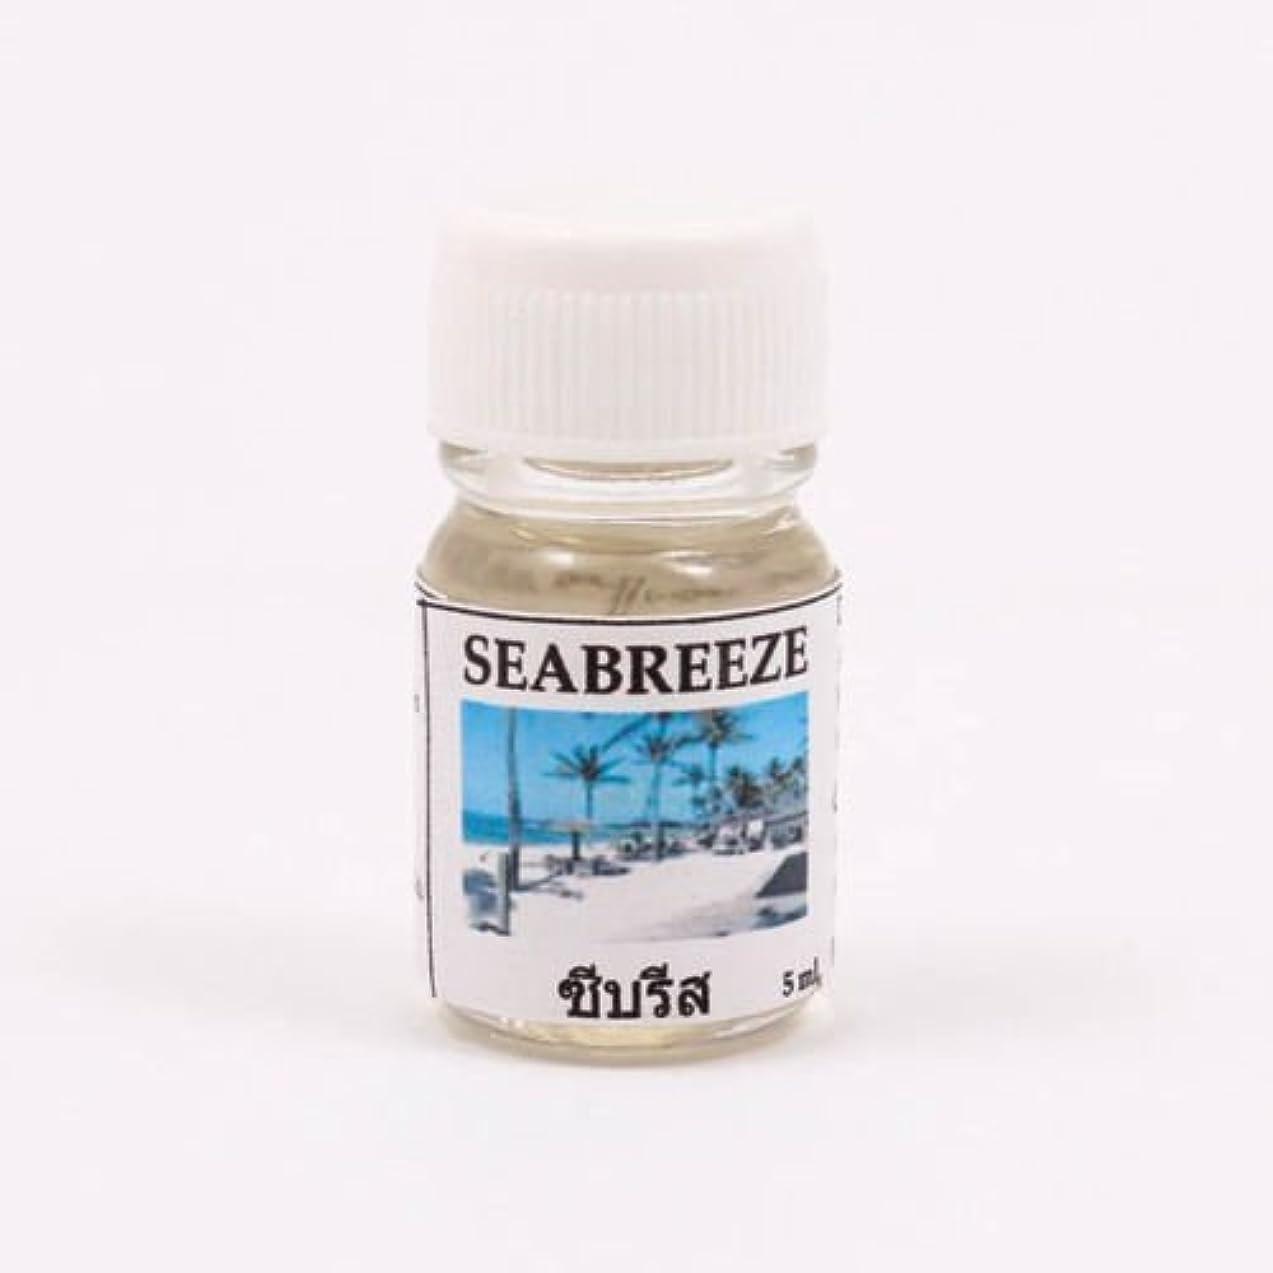 それる知覚的アコード6X Seabreeze Aroma Fragrance Essential Oil 5ML. cc Diffuser Burner Therapy